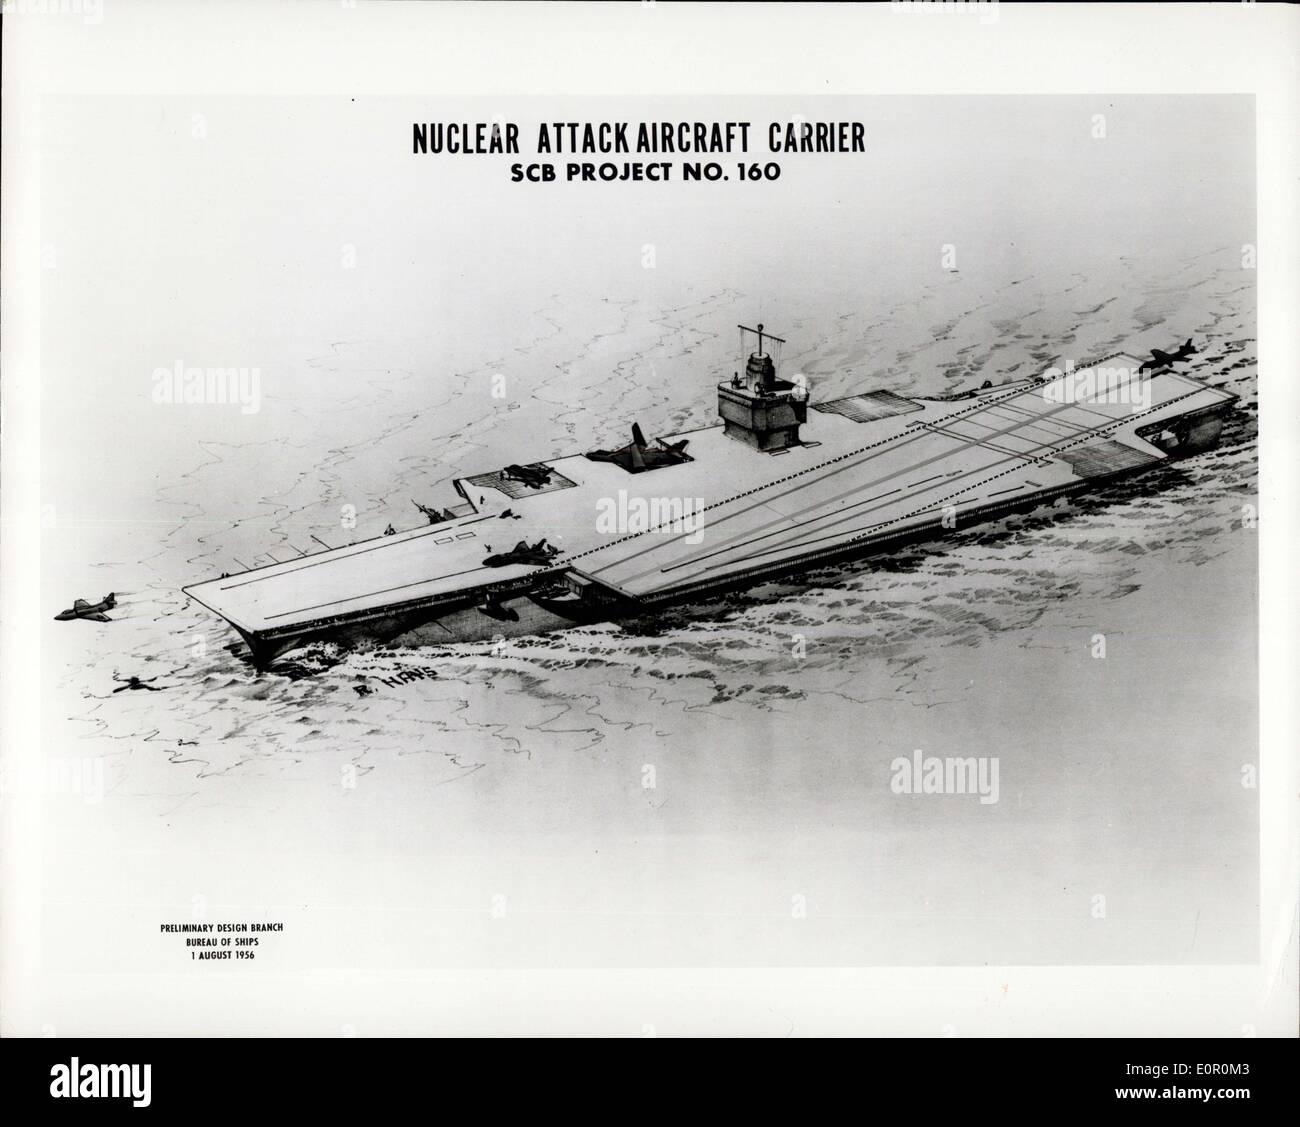 2. August 1957 - schlug Künstlers Konzept der marinen nuklear angetriebene Träger (CVA (N)). CVA(N) vertreten die modernsten eine lange Reihe von Angriff Träger, beginnend mit der USS Langley im Jahre 1922, die wichtigsten Funktionen der CVN wird man nahezu unbegrenzte Steaking Ausdauer mit hoher Geschwindigkeit. Betriebliche Flexibilität wird auch durch diese Funktion erhöht werden, da hohe Geschwindigkeiten aufrechterhalten werden können, ohne Rücksicht auf die Erhaltung der Heizöl; Offensive und Defensive Fähigkeiten verbessert werden und Nachschubbedarf solche Rejuced Stockbild